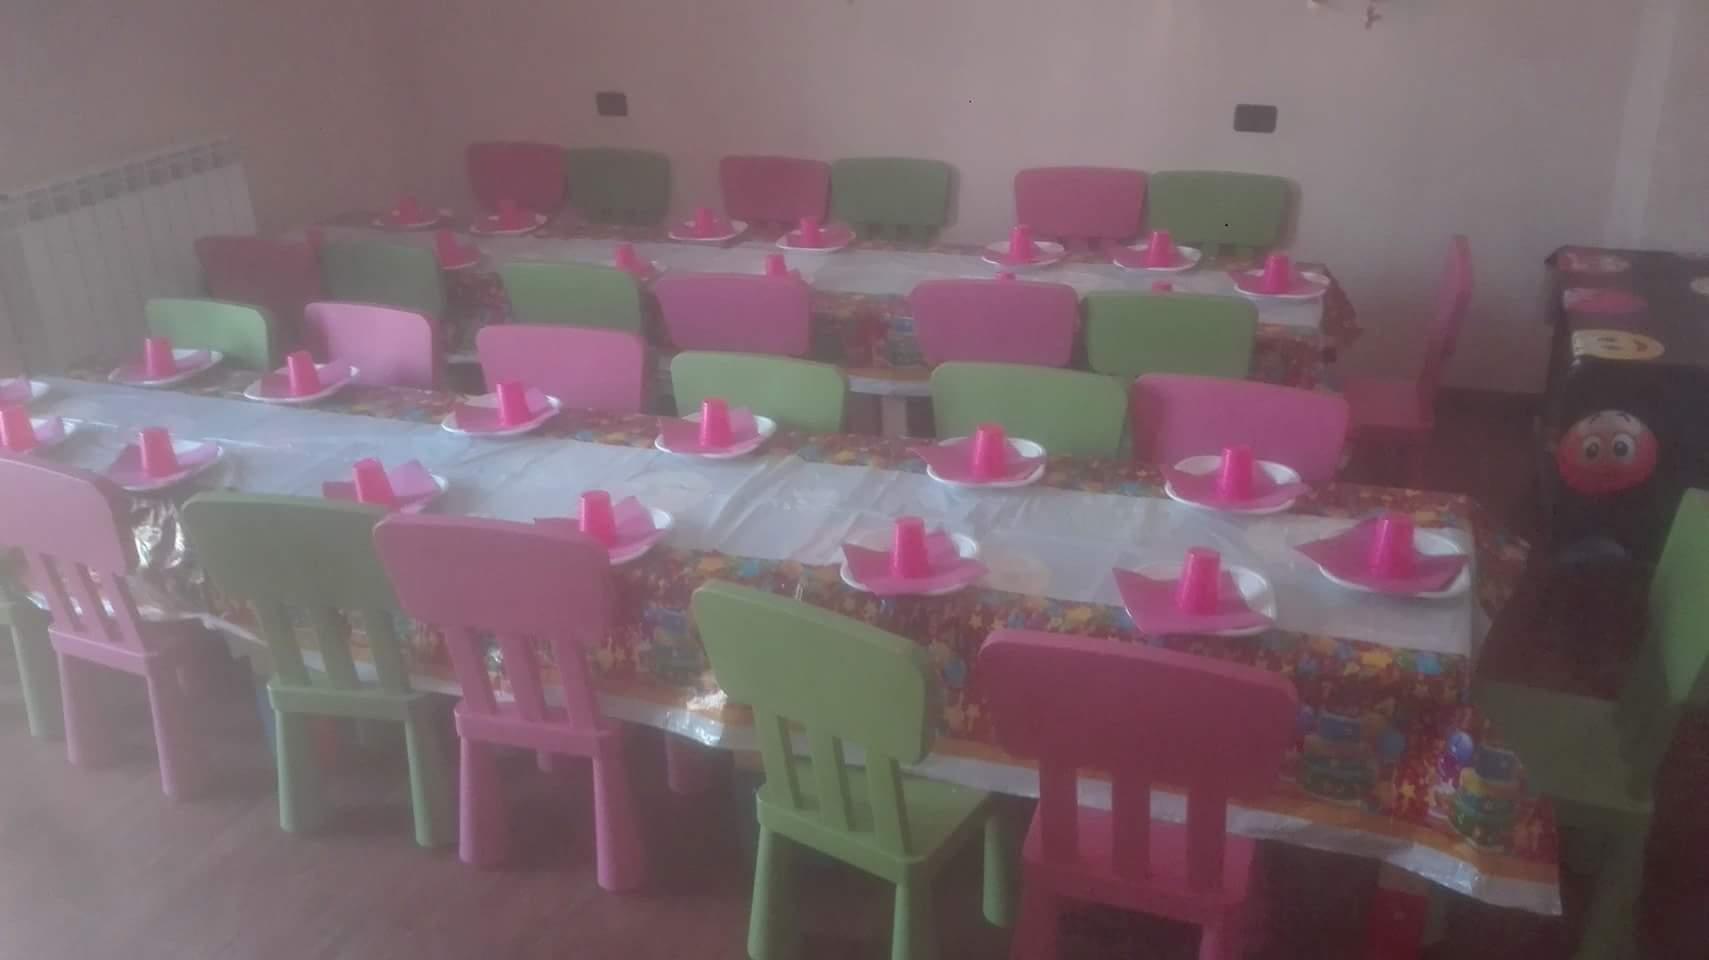 tavola apparecchiata per bambini